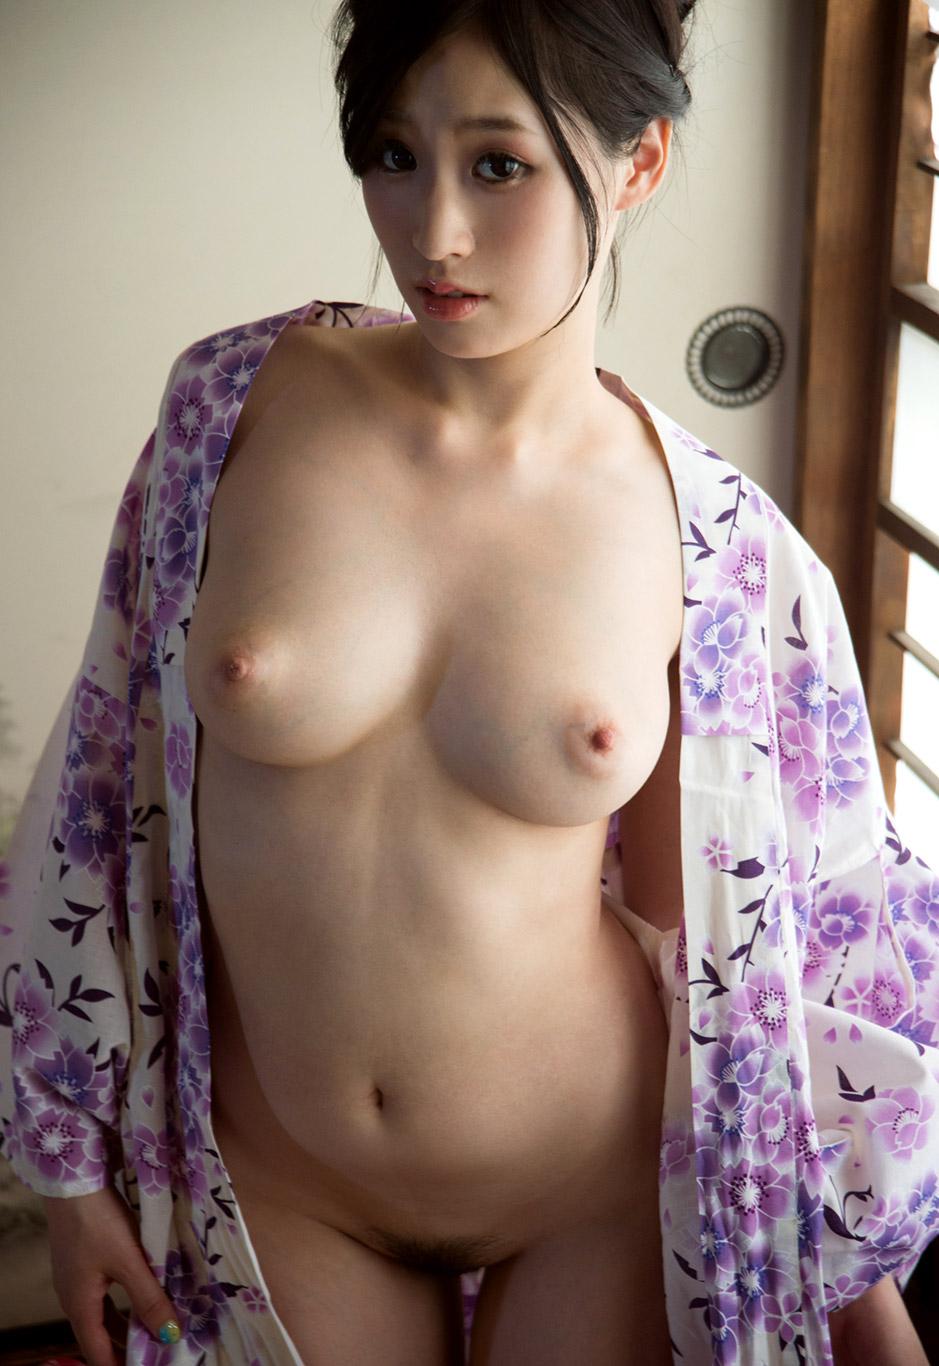 sana imanaga sexy naked pics